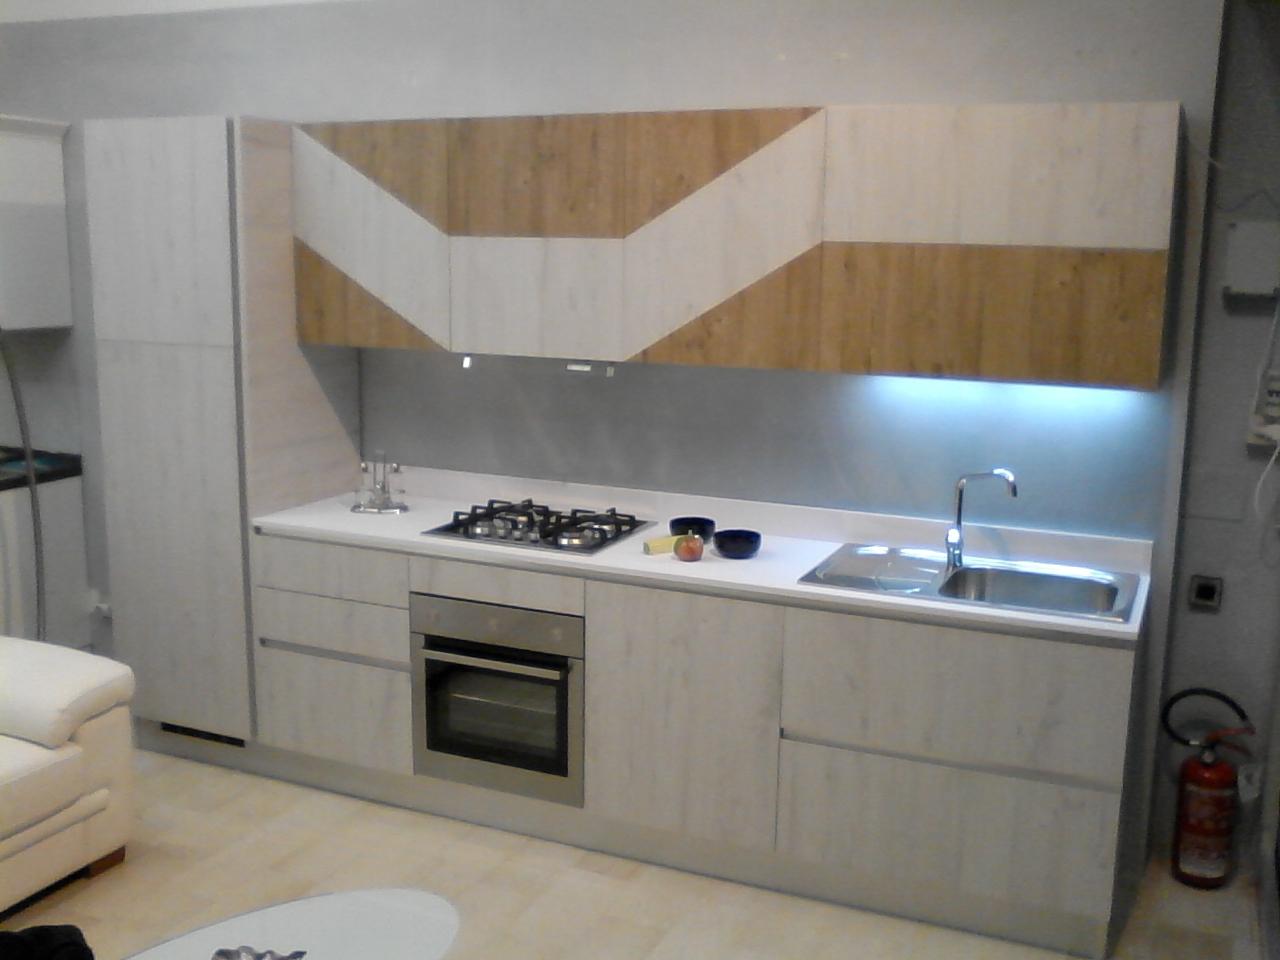 Vismap cucina modello gioia in laminato materico cucine a prezzi scontati - Costo top cucina laminato ...